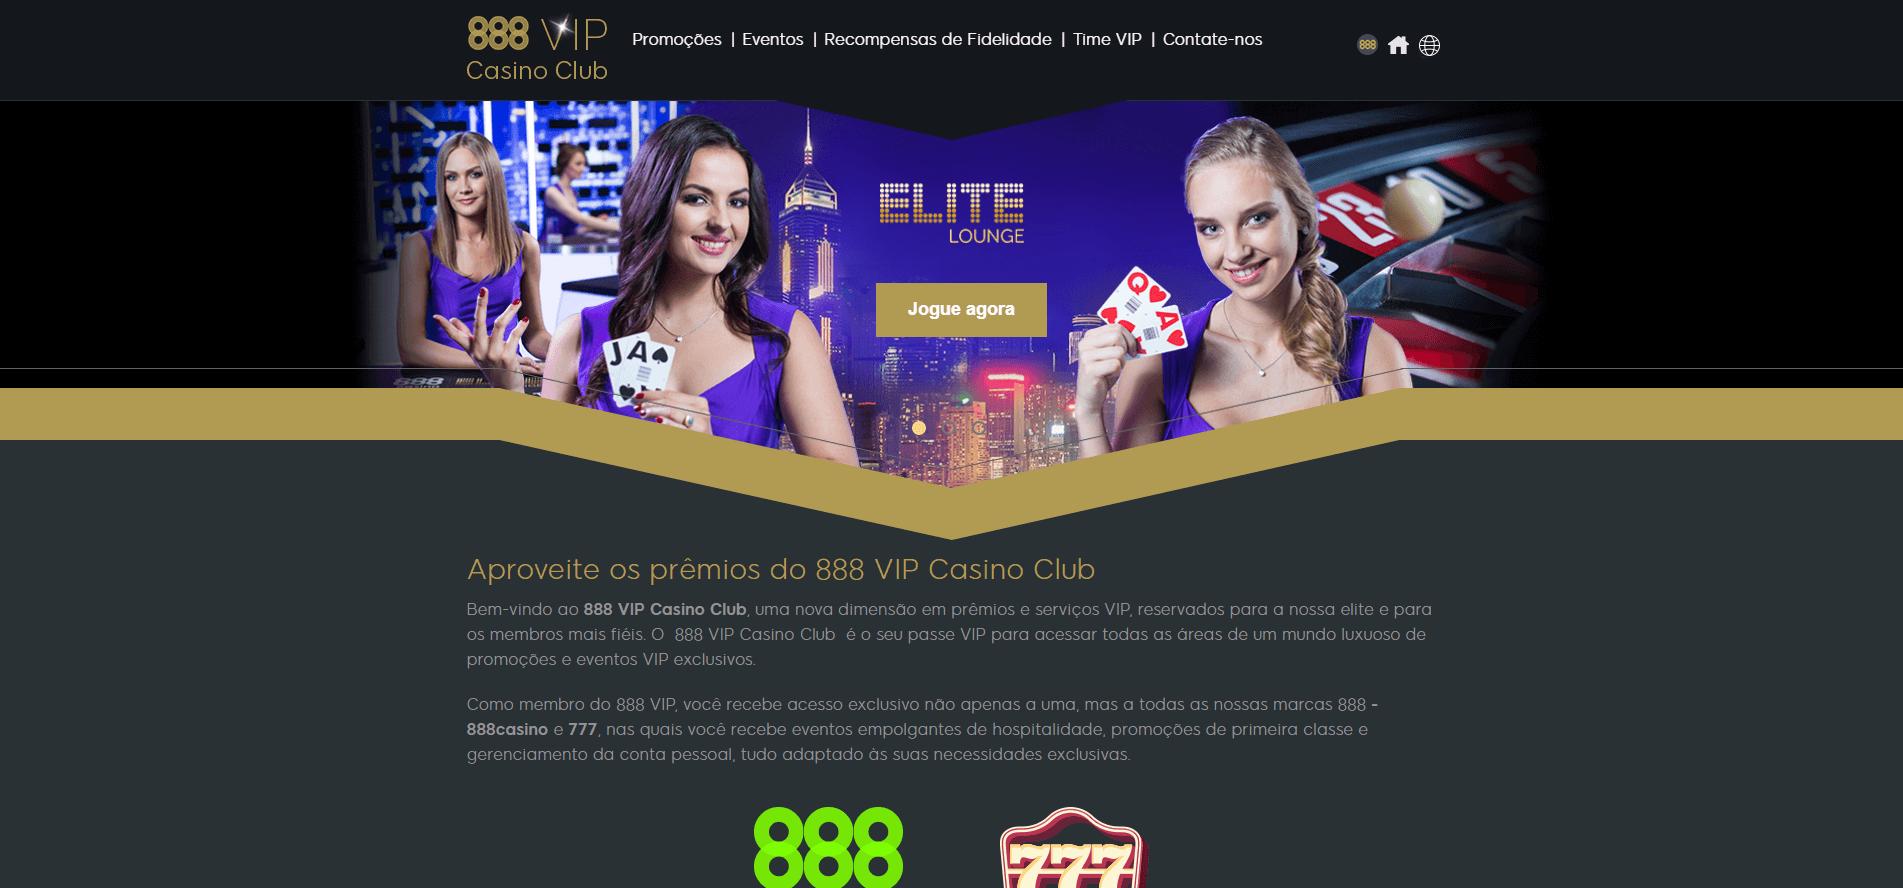 aproveite os prémios do 888 VIP Casino Club